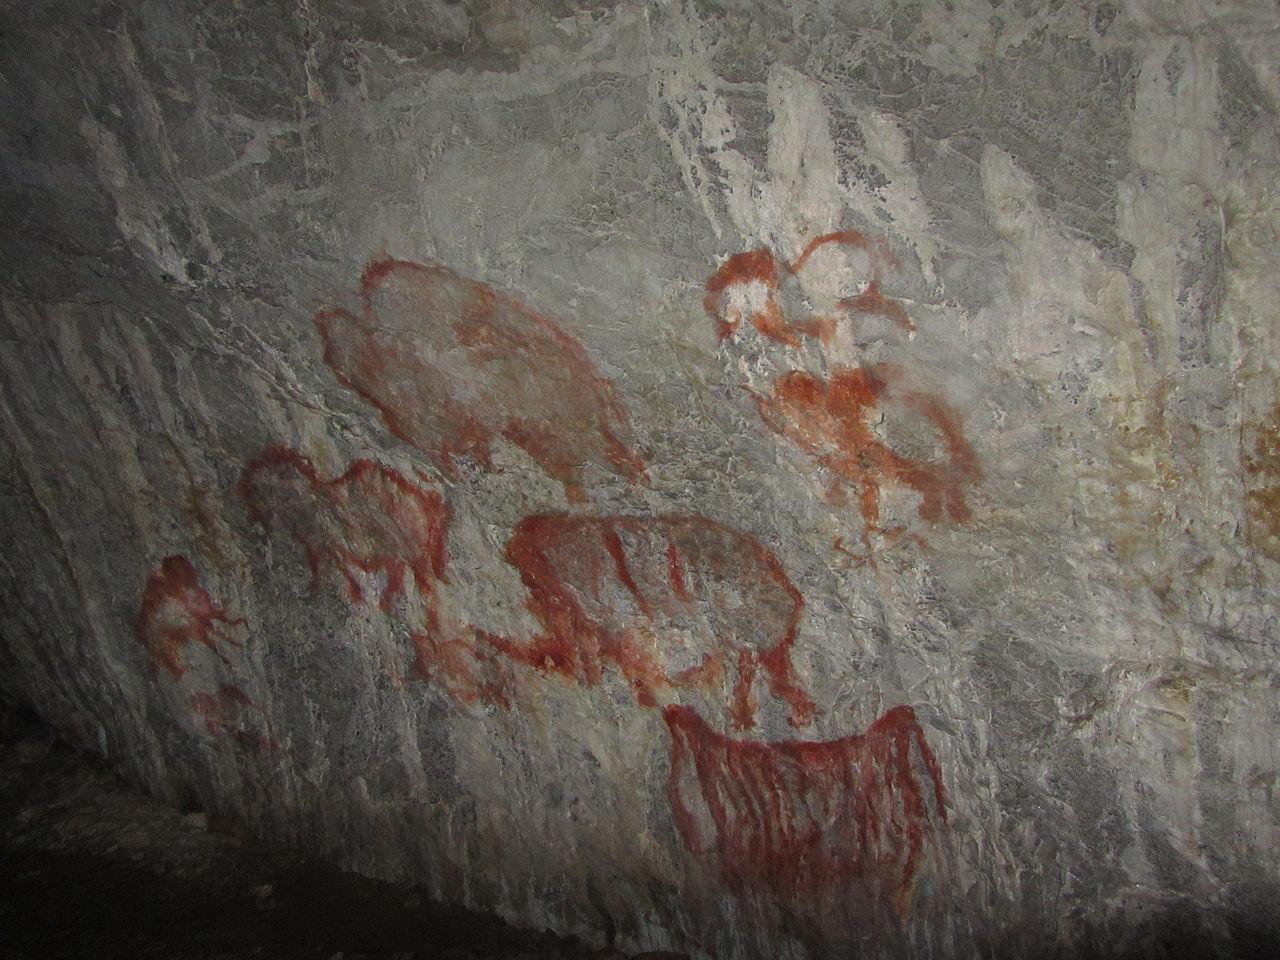 Рисунки на стене в Каповой пещере (копии)